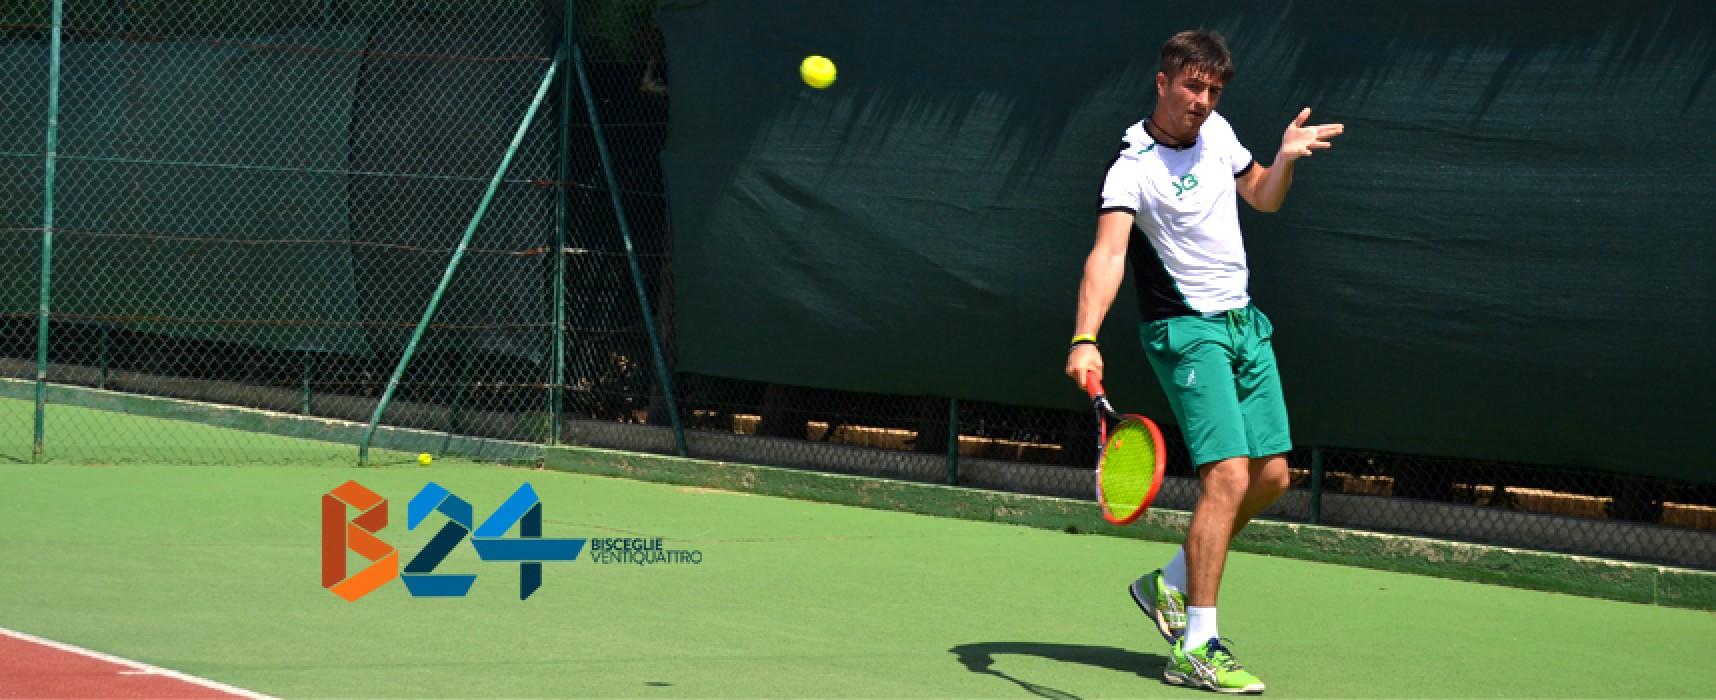 Lo Sporting Tennis Club Bisceglie batte il Milago Tennis Center e conquista la salvezza!